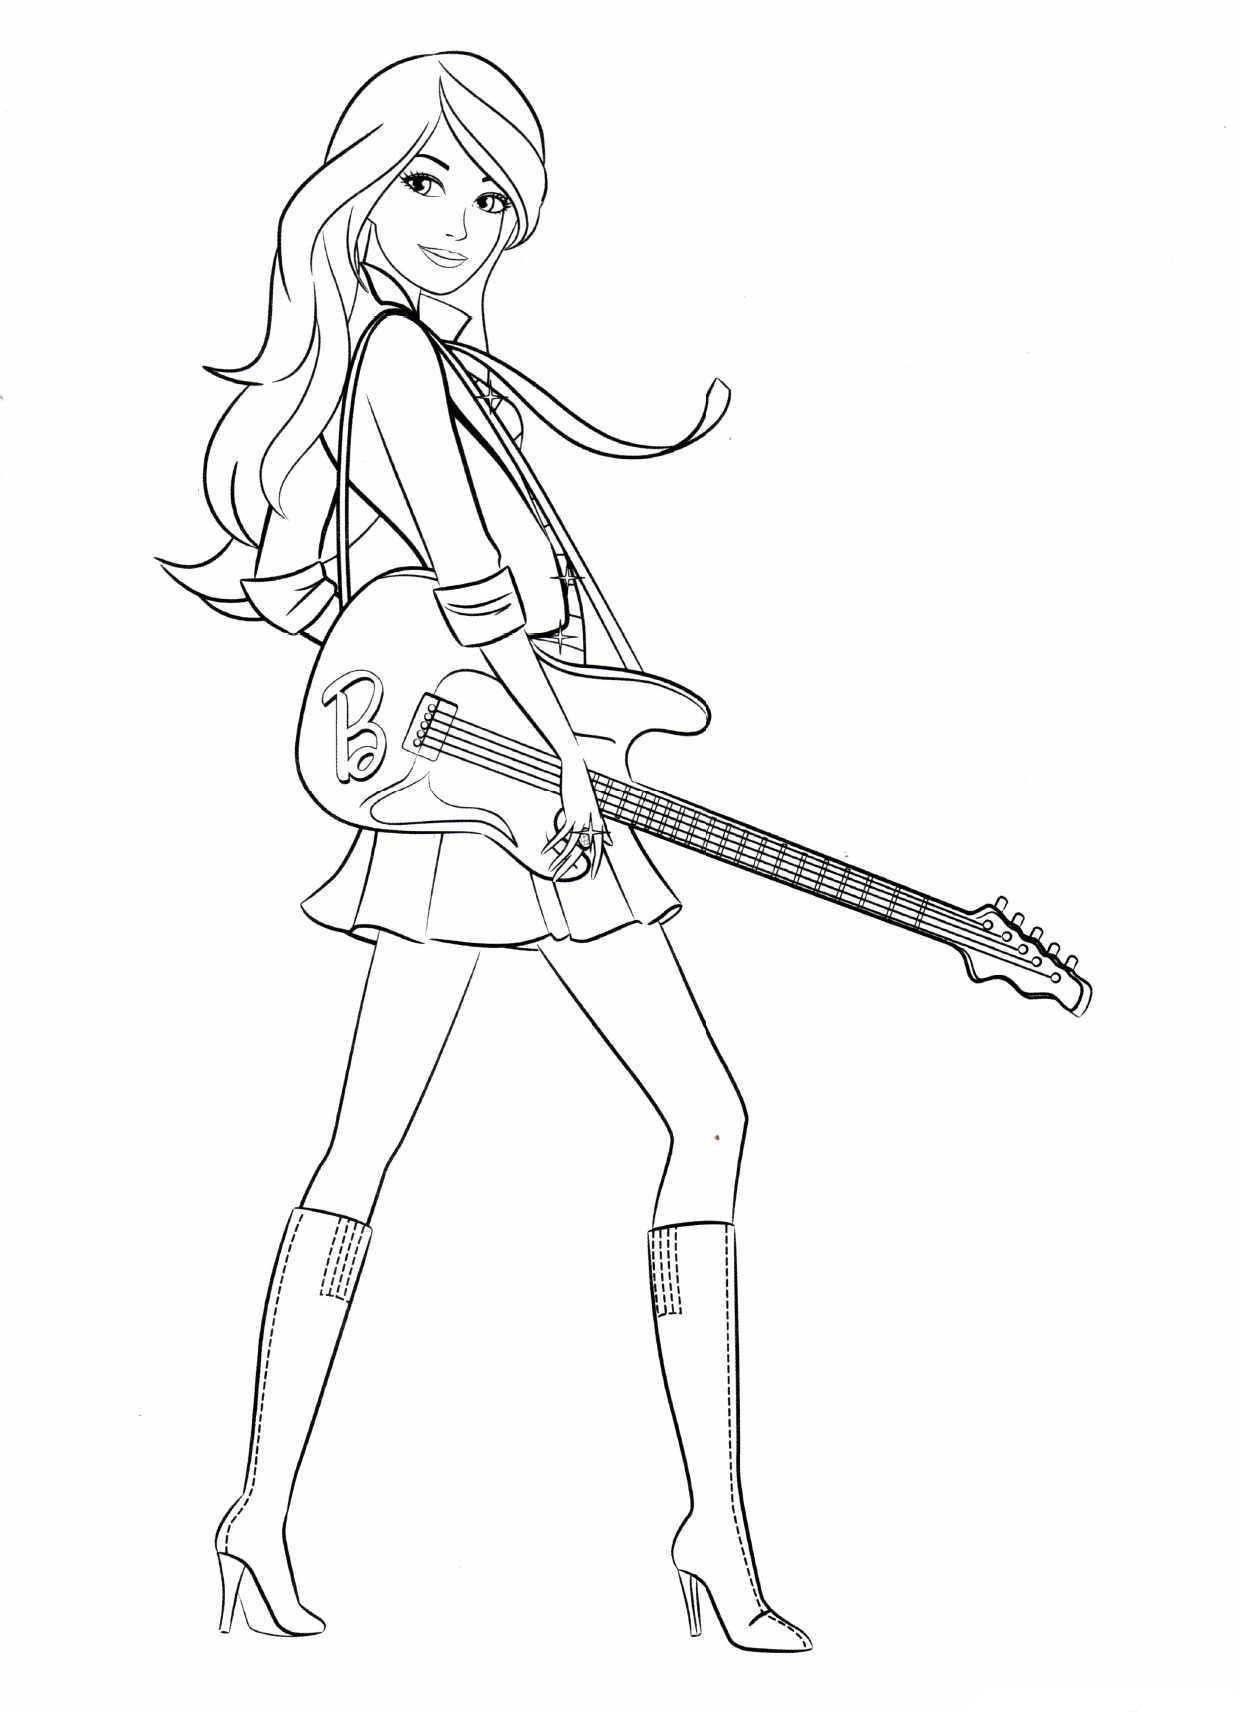 Барби с гитарой - раскраска №891 | Printonic.ru